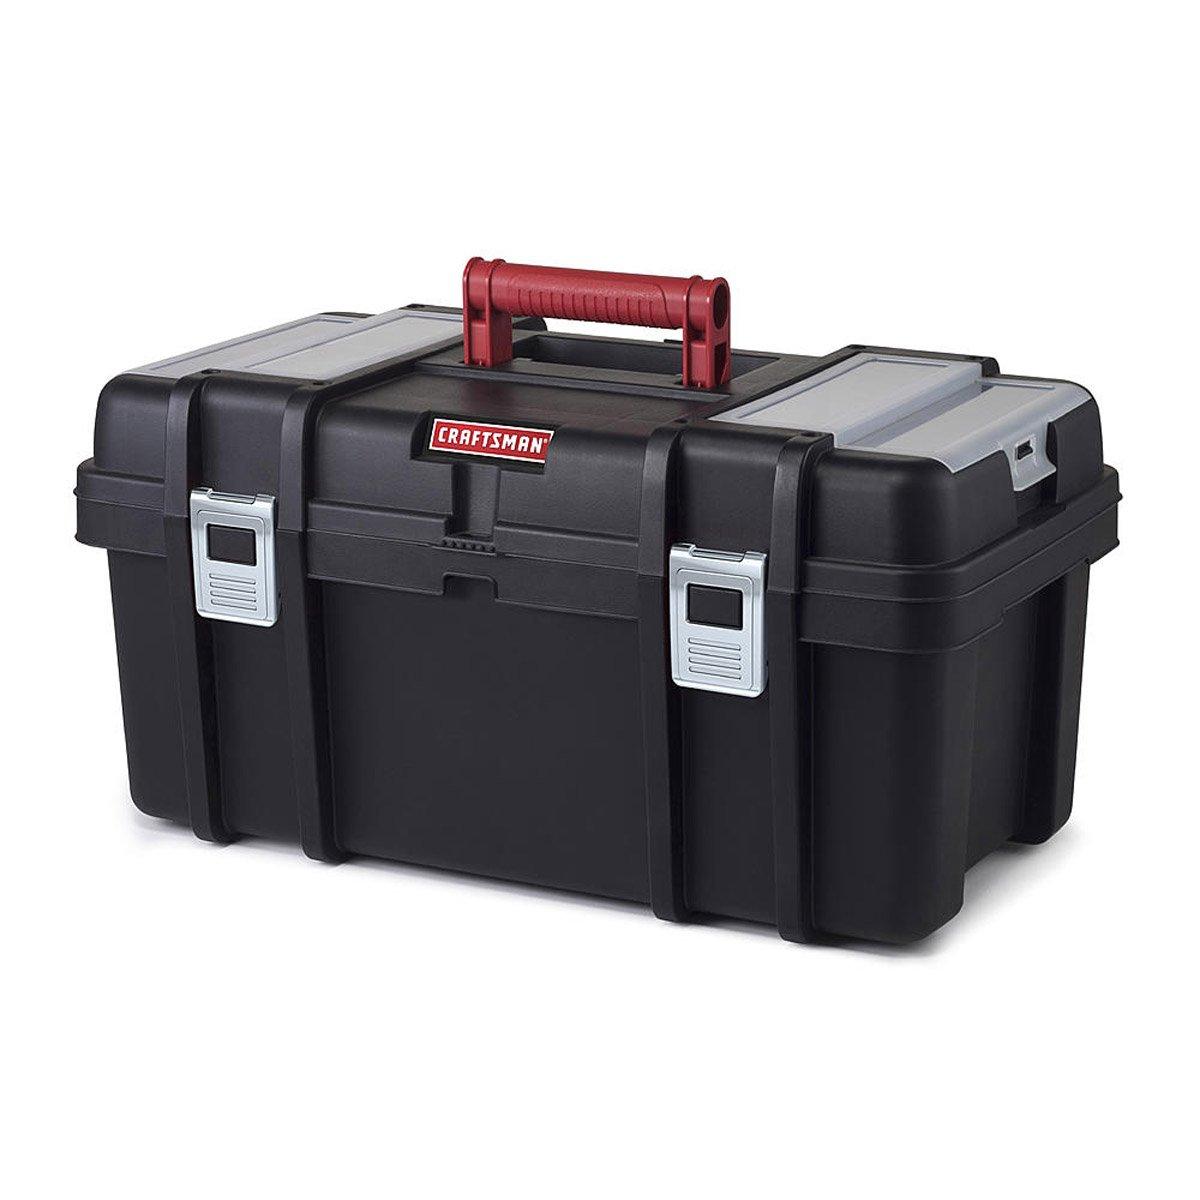 Caja de resina para herramientas 22 craftsman modelo - Caja con herramientas ...